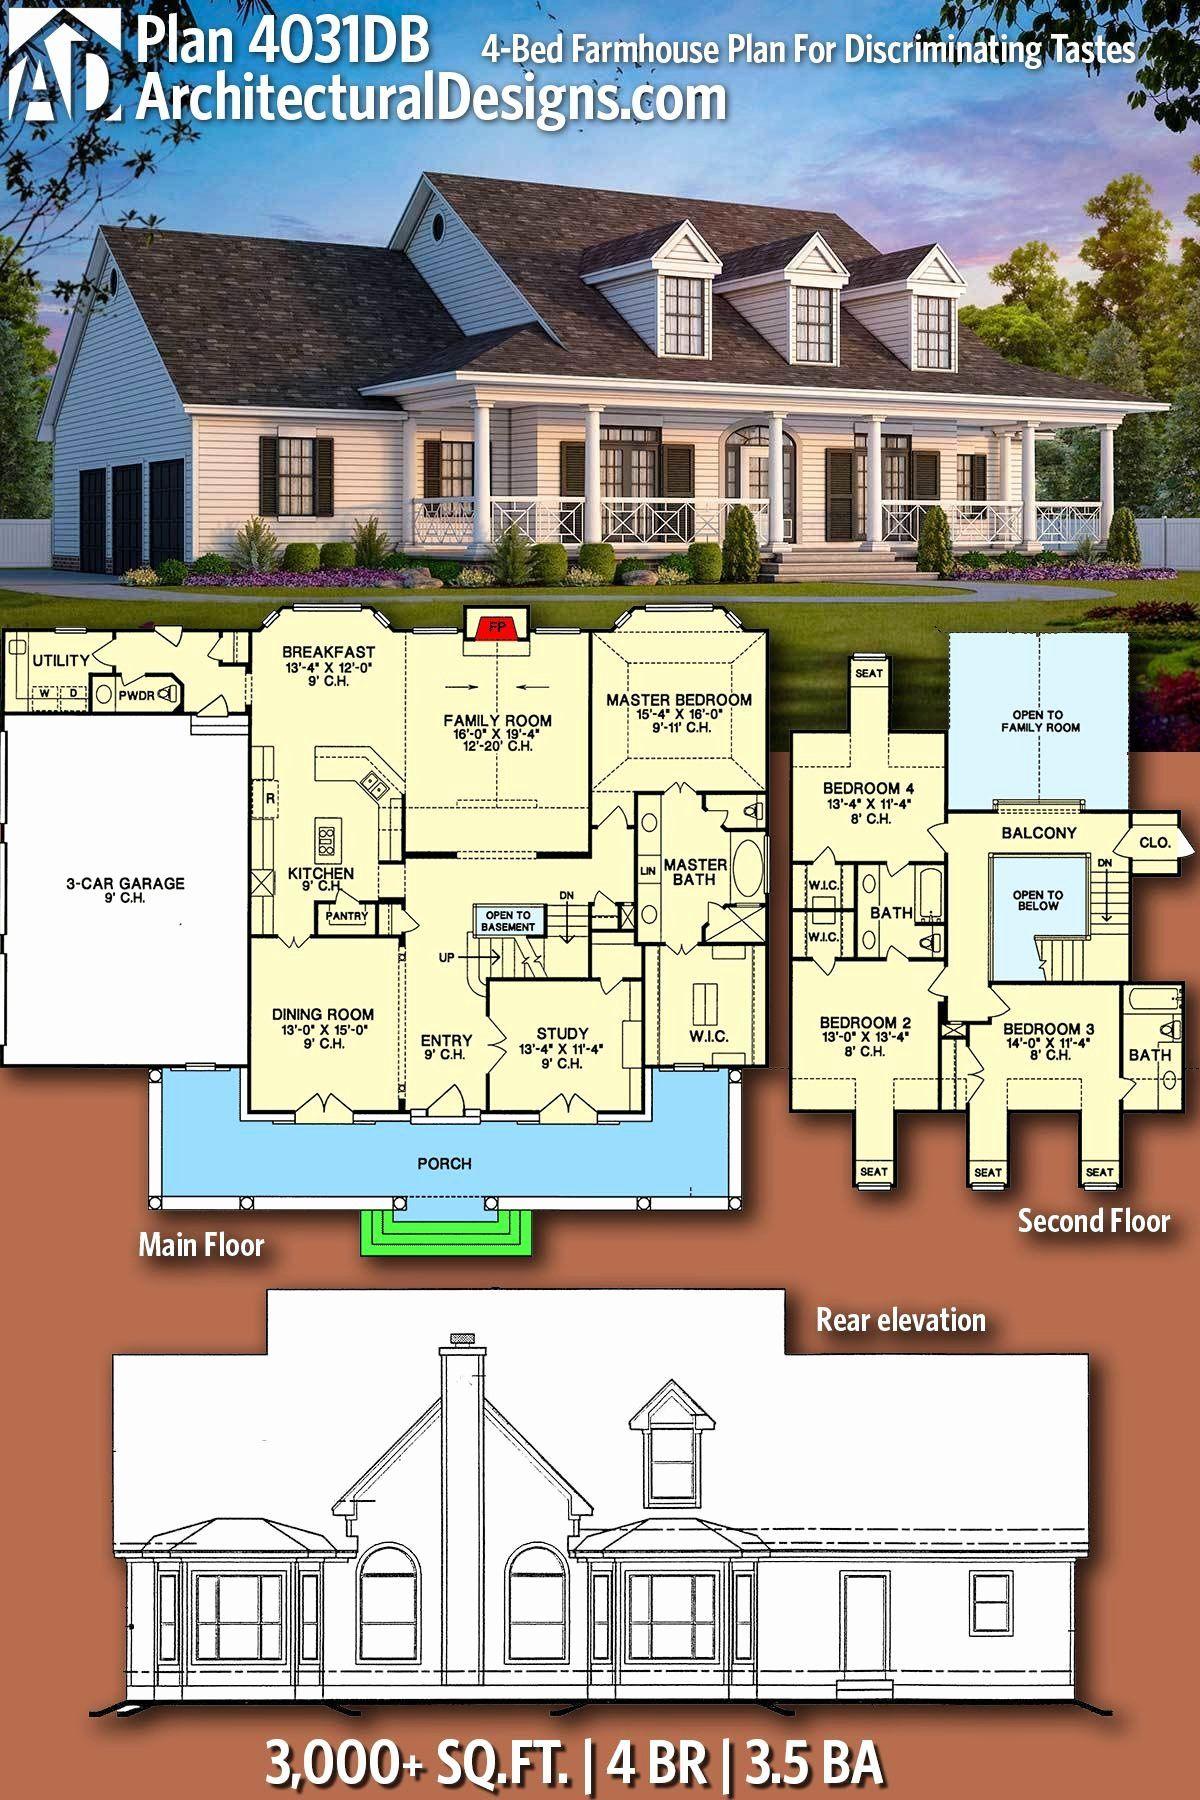 3000 Sq Feet House Plans Fresh Plan 4031db 4 Bed Farmhouse Plan For Discriminating Tastes In 2020 Modern Farmhouse Plans Farmhouse Plans House Floor Plans